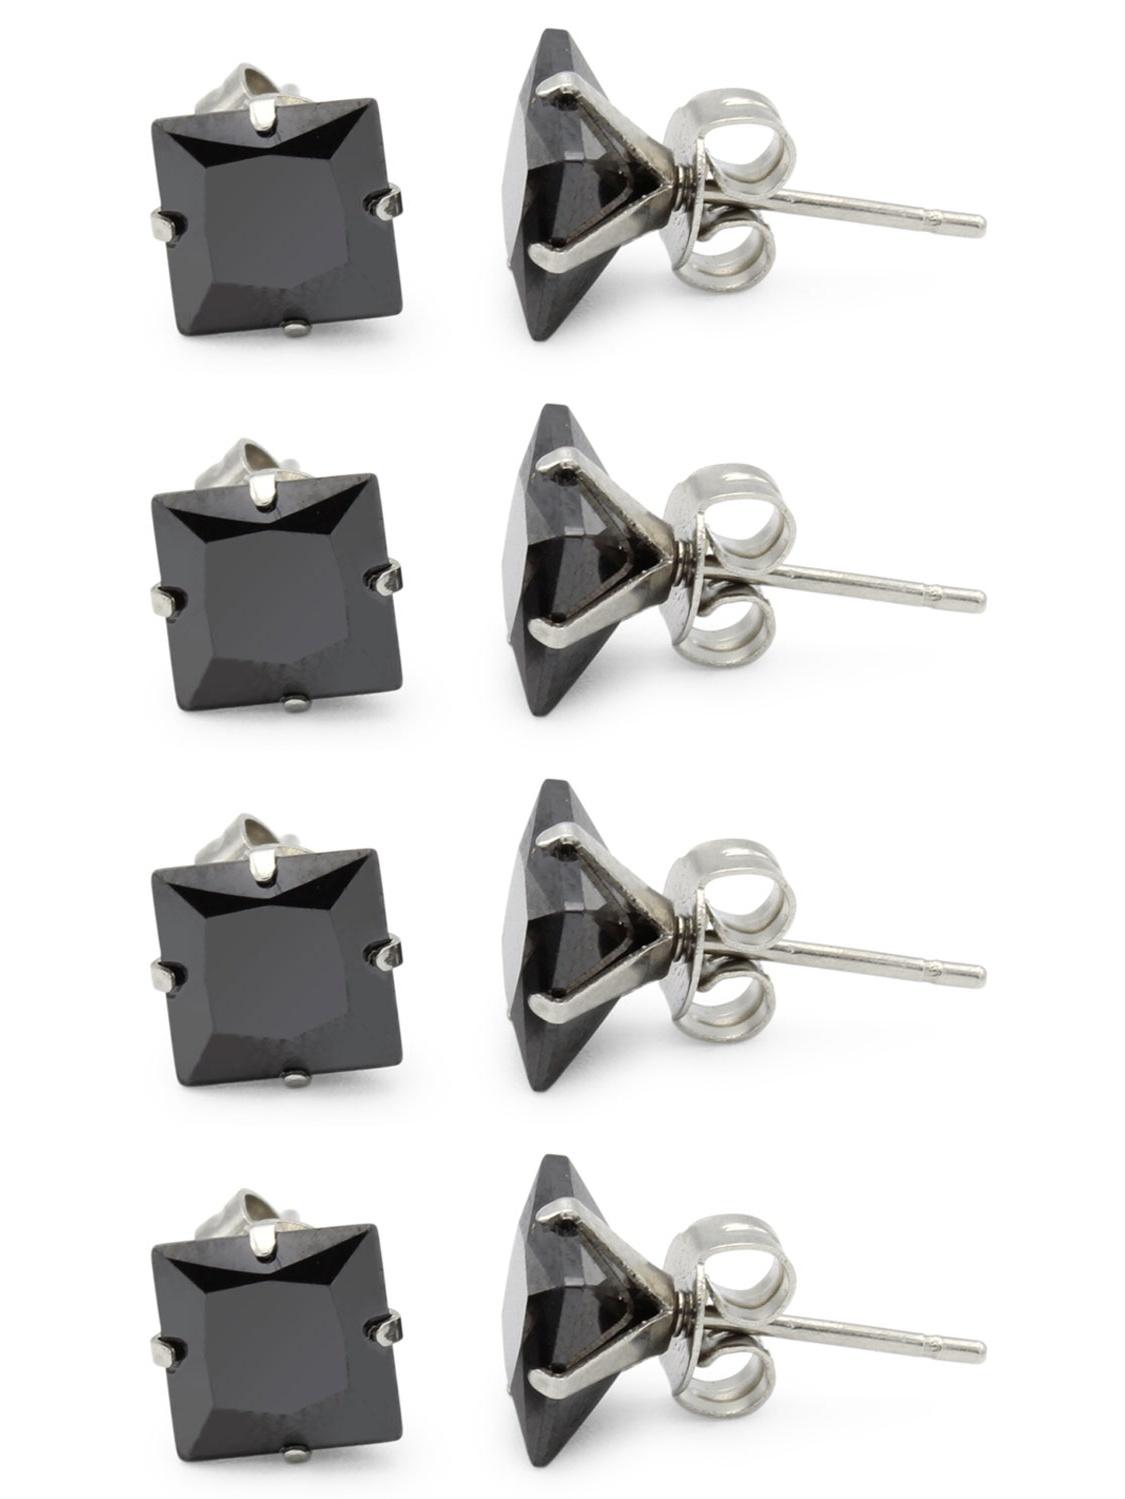 BEBERLINI Stud Earring Set of 4 Cubic Zirconia Earrings Shinny Unisex Black Square Ear Jewelry Size 7